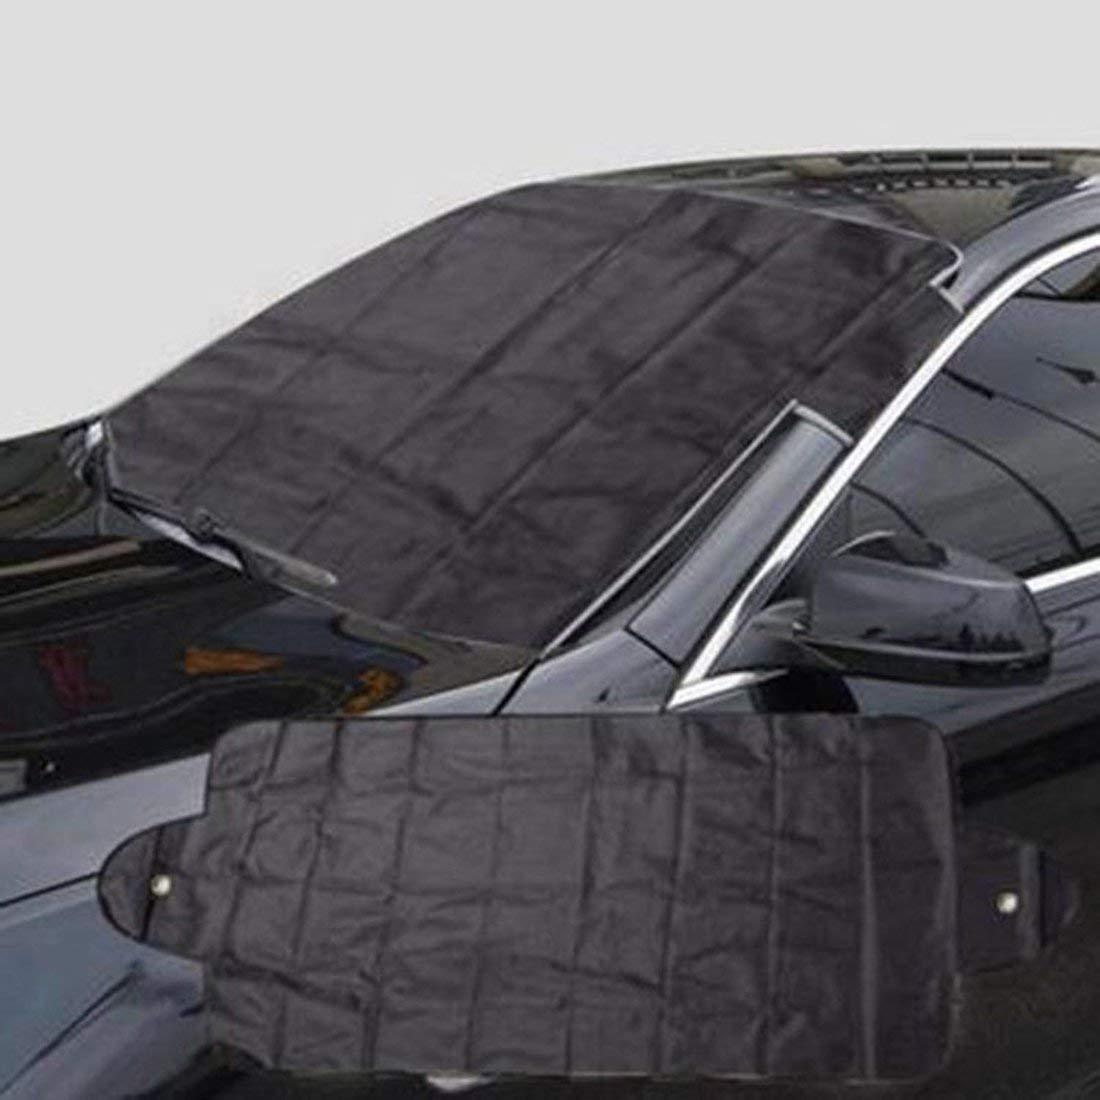 Formulaioue Cubierta del Parasol del autom/óvil Universal Protector de Hielo para el Parabrisas Invierno Verano Coche Ventana Delantera Cubiertas del Parabrisas-Plateado y Negro